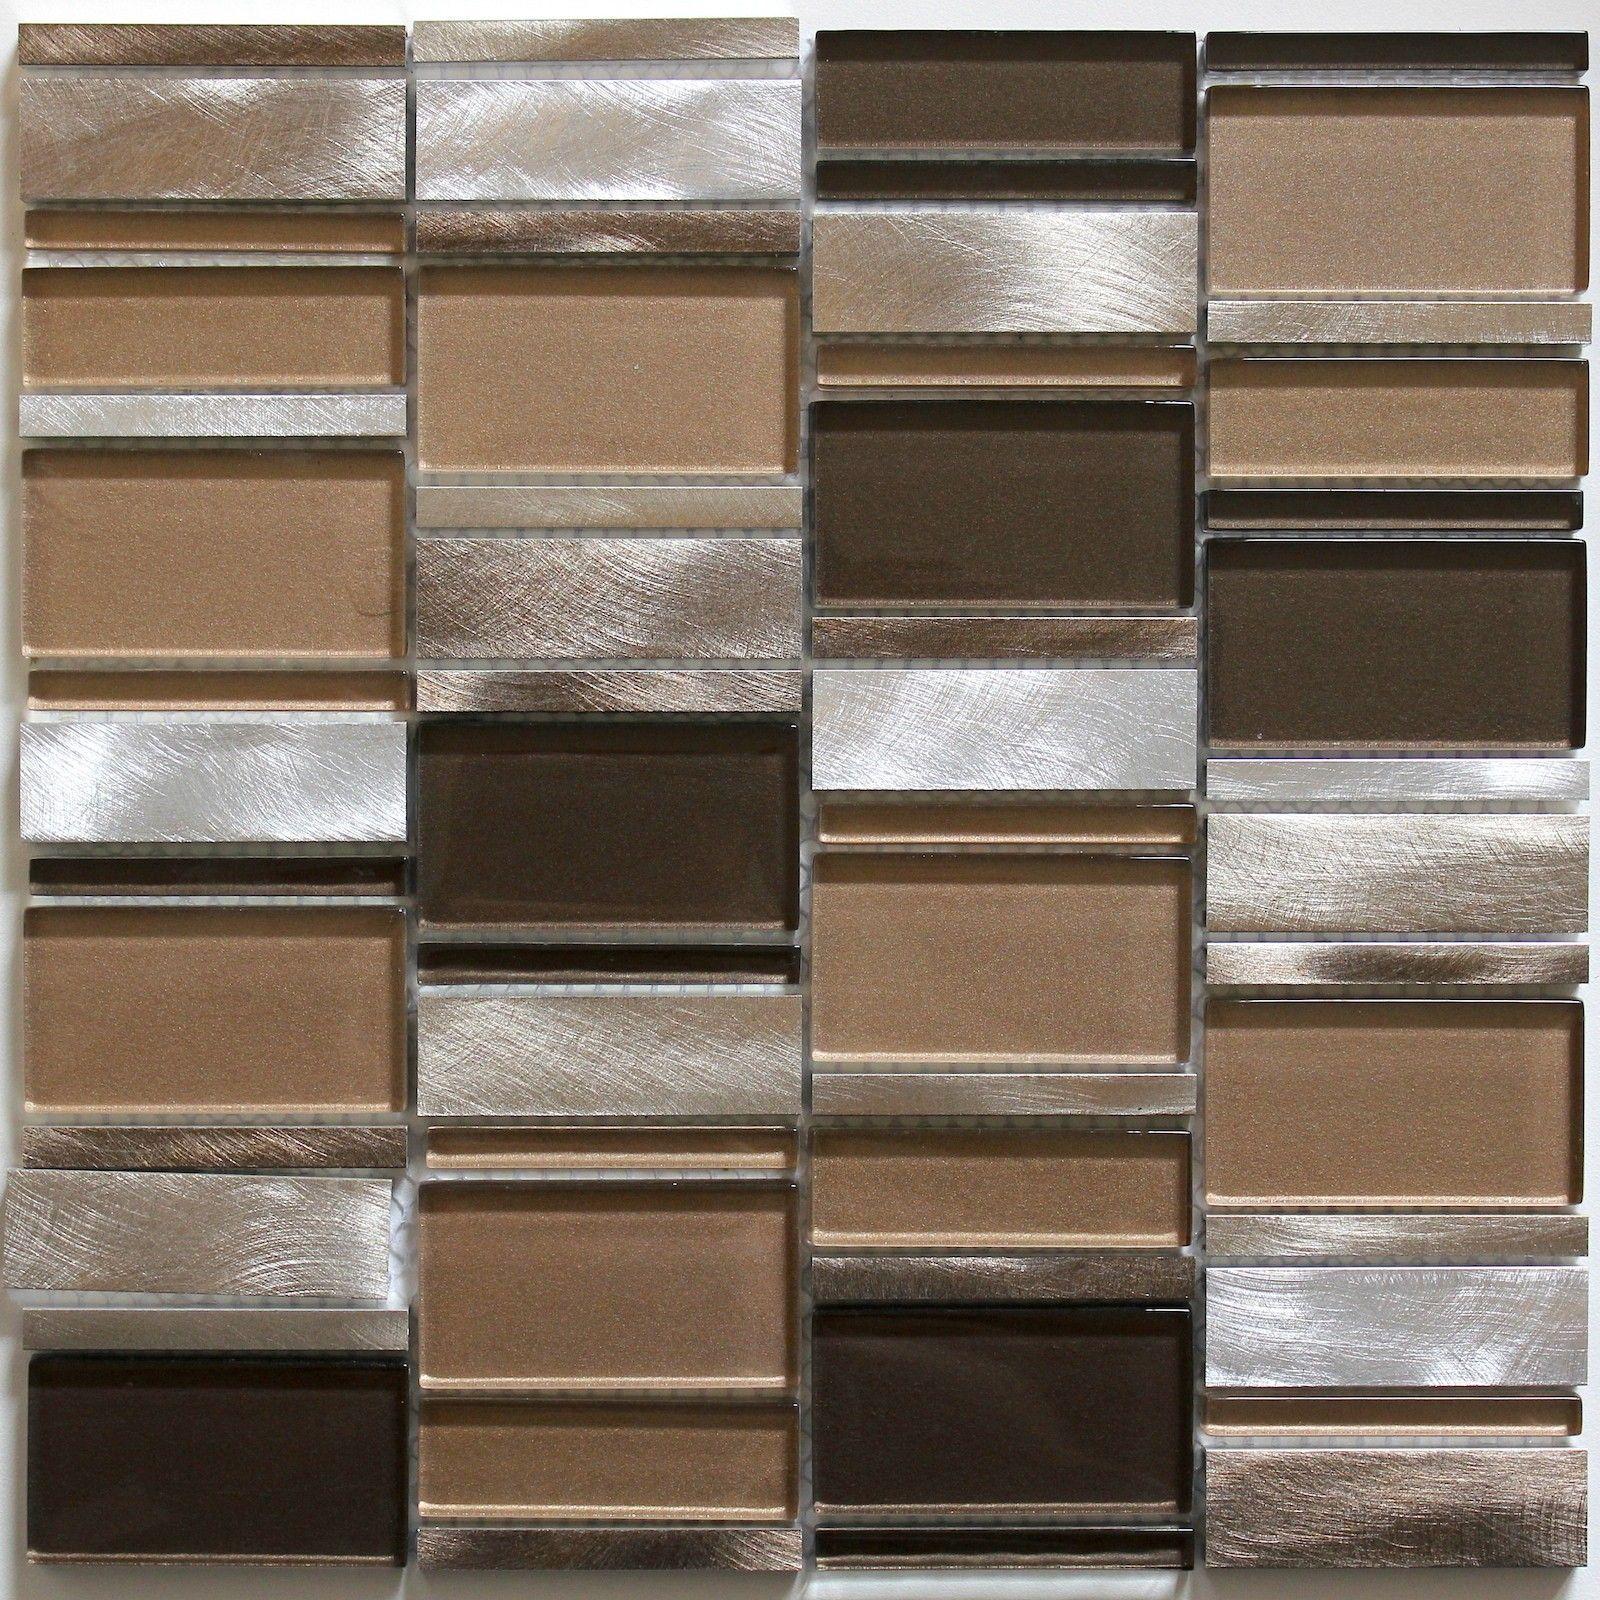 mosaique daluminium et verre pour mur salle de bain et cuisine 1m cetimarron - Credence Verre Salle De Bain